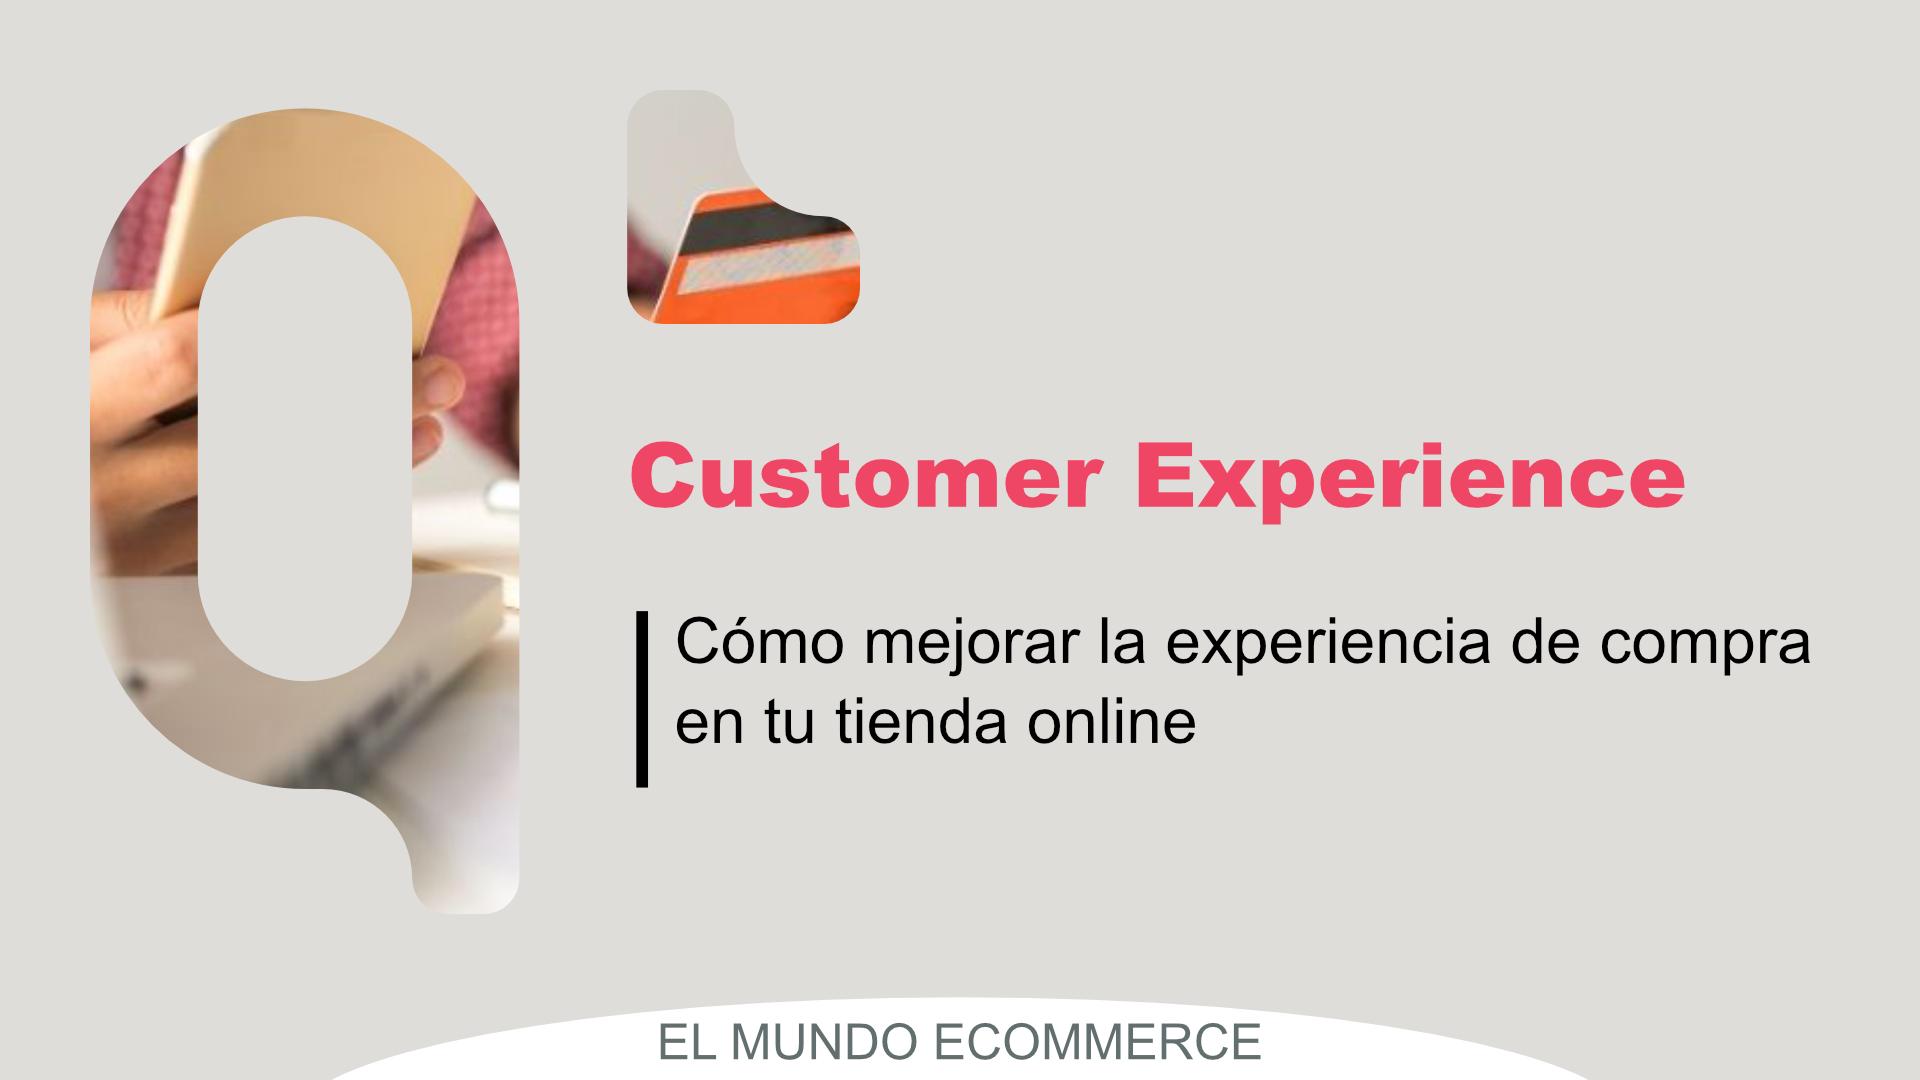 Cómo mejorar la experiencia de compra en tu tienda online